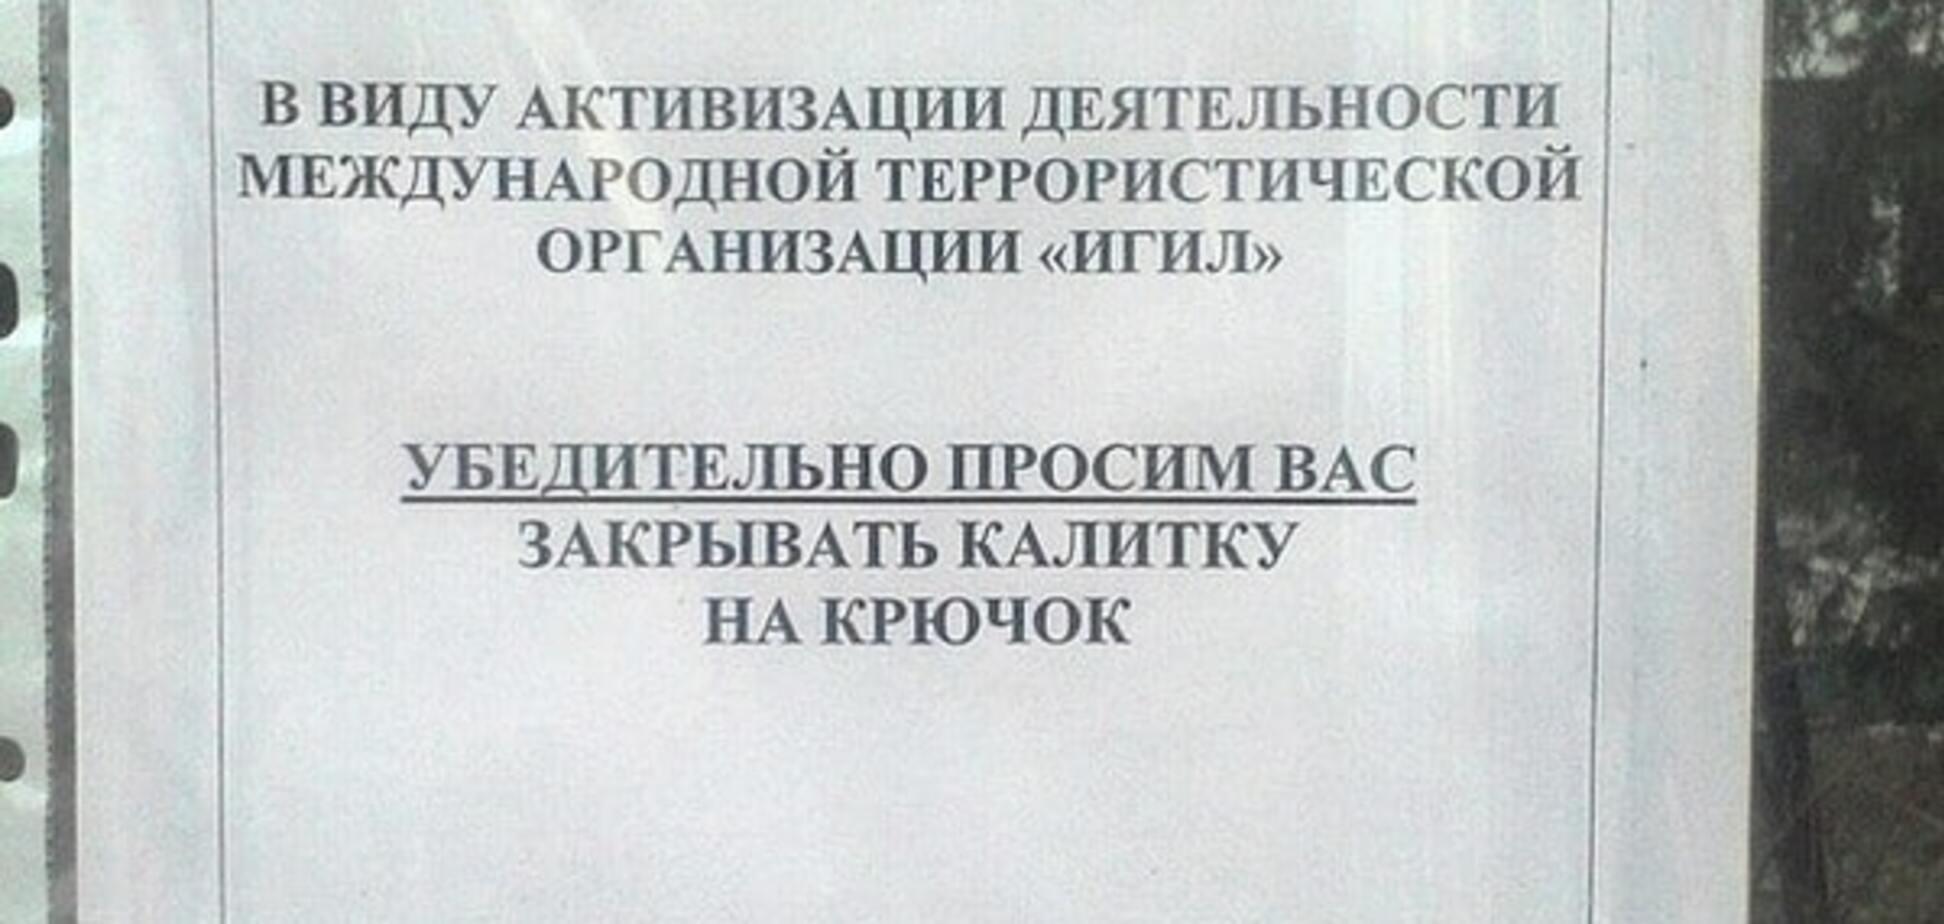 В России детсад защитили от террористов 'ИГ' крючком на калитке: фотофакт